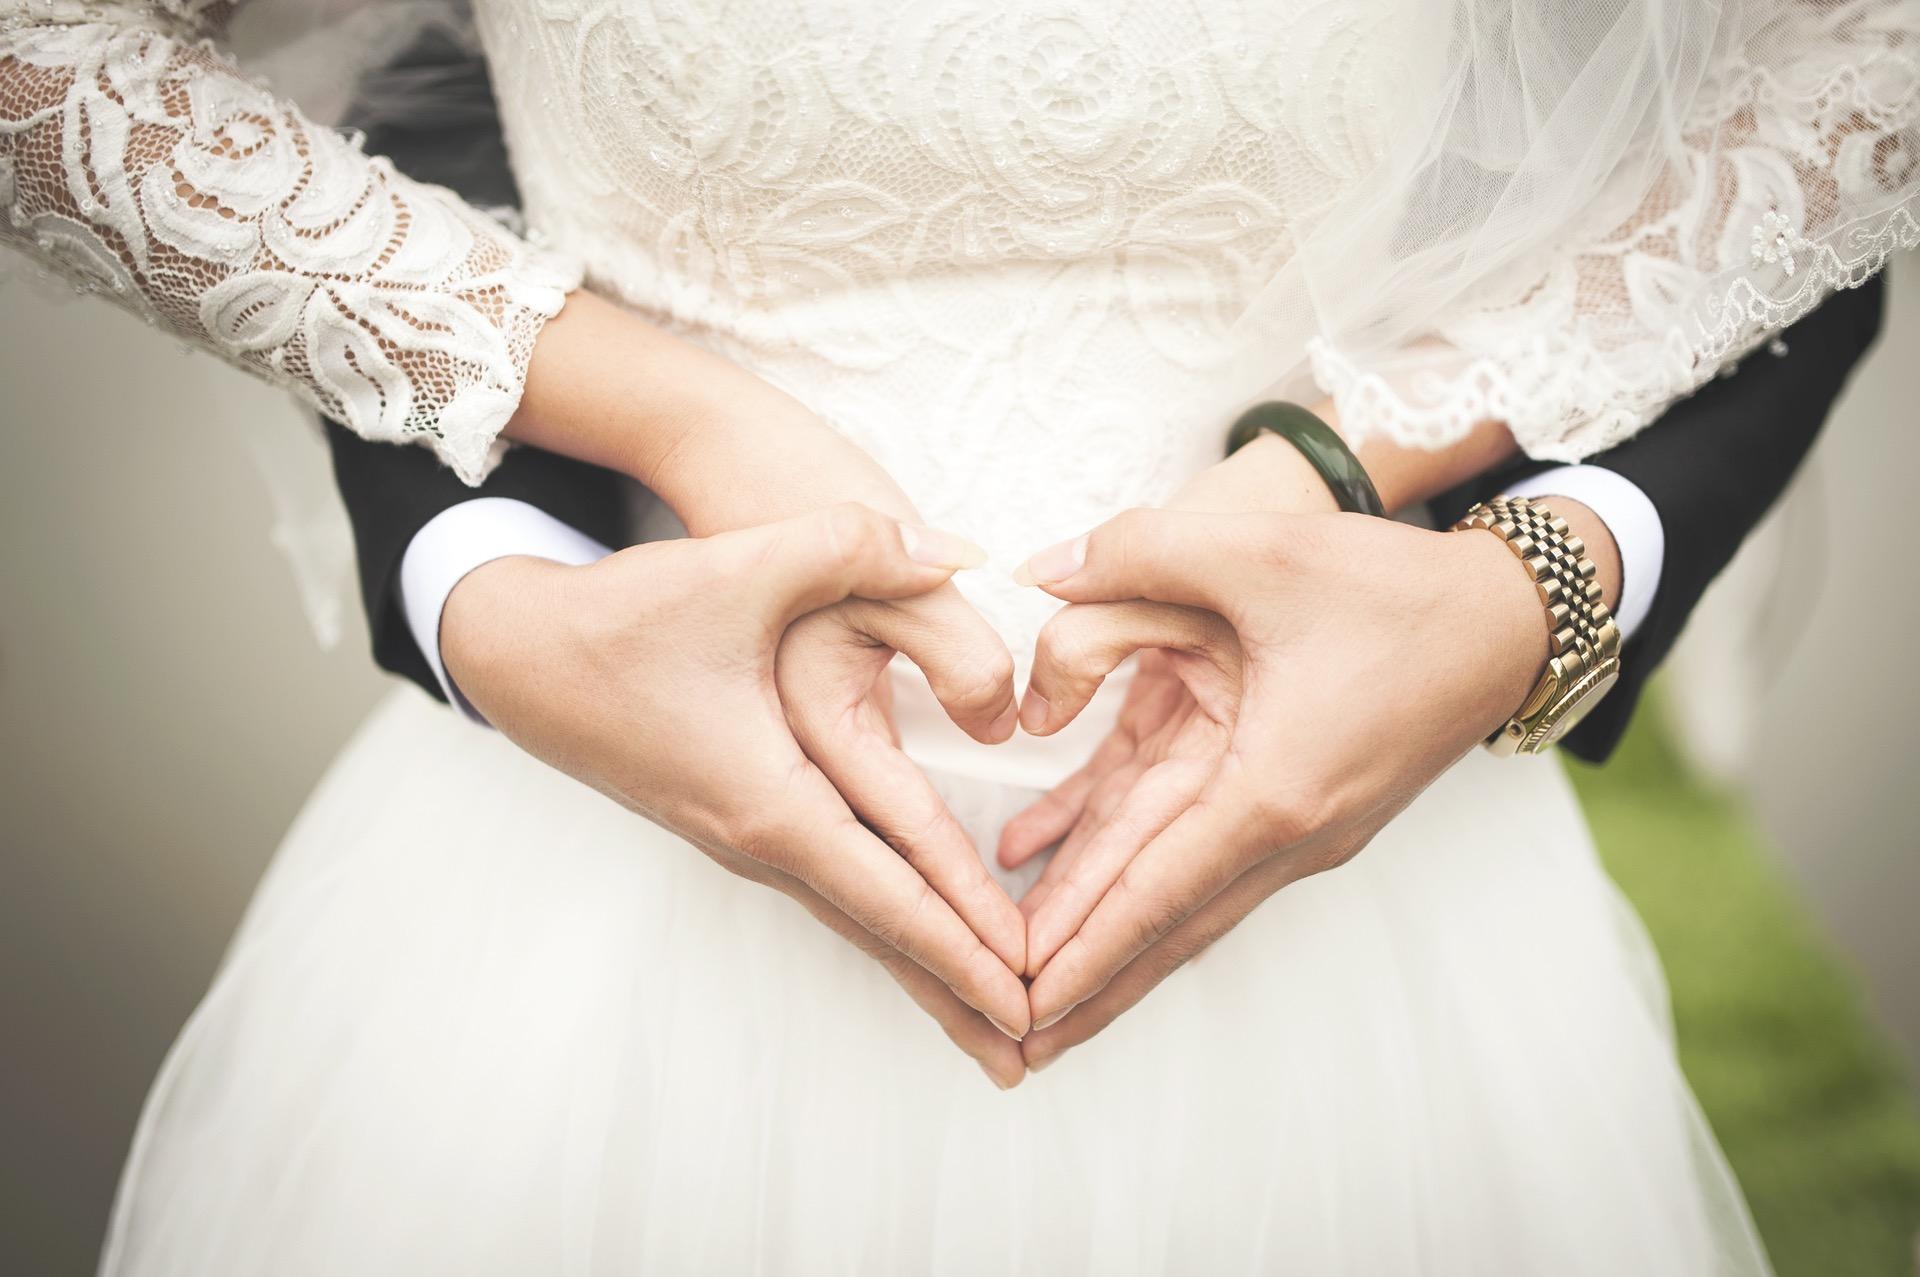 Boîte à outils mariage zen : des outils indispensables et des conseils personnalisés pour un mariage serein